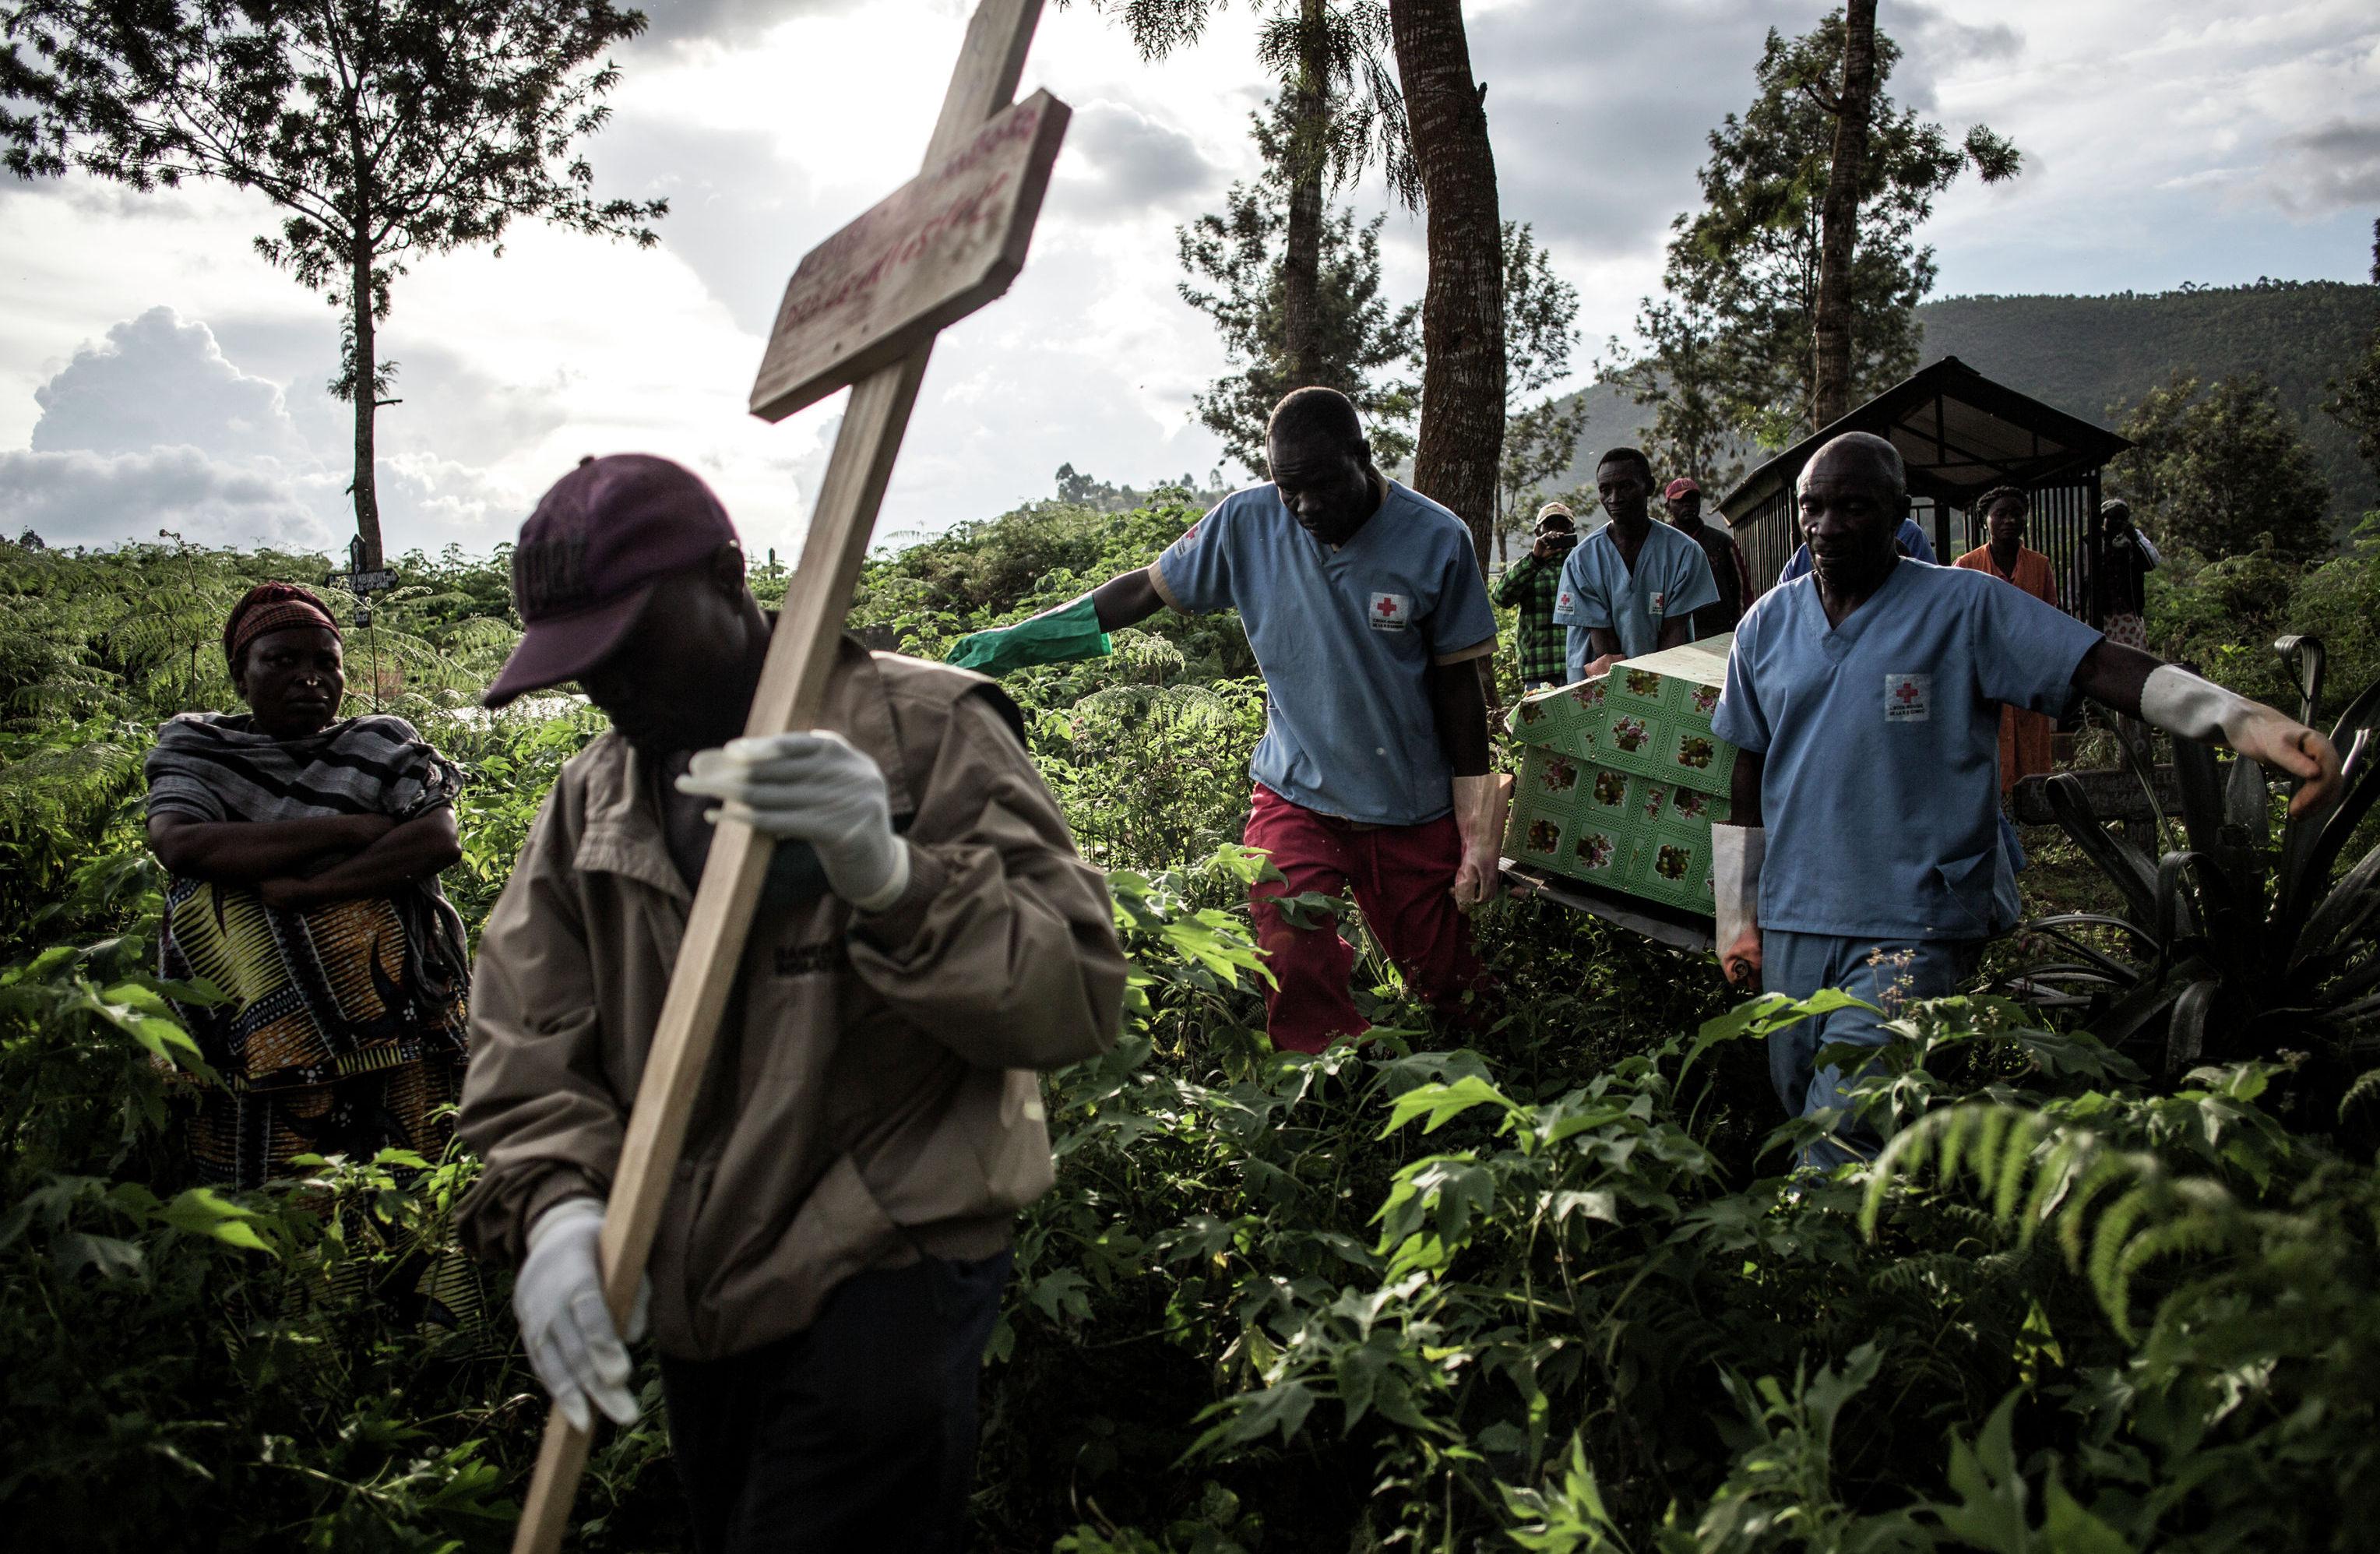 Медицинские работники несут гроб, в котором находится тело человека умершего от вируса Эбола в Демократической Республике Конго.  С июля 2018 года в стране из-за вируса скончались более 1,1 тысячи человек.